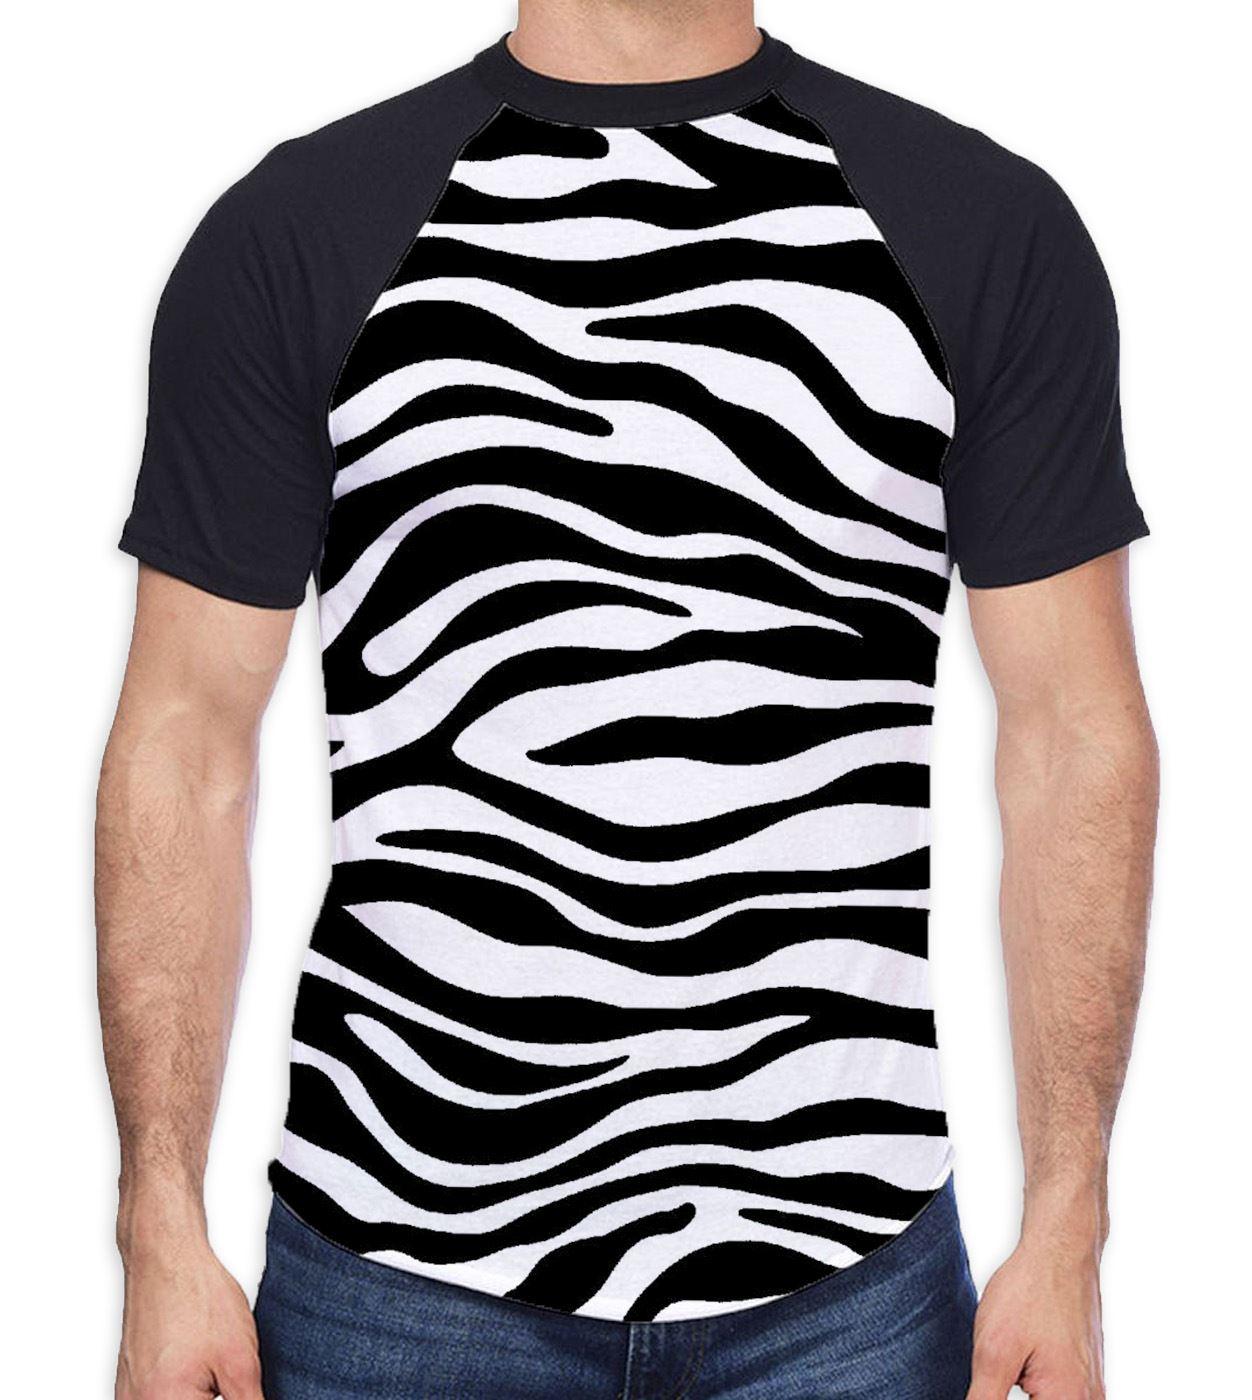 893f510c1081 Zebra Skin Print Men s All Over Baseball T Shirt - Animal Festival Party  Summer